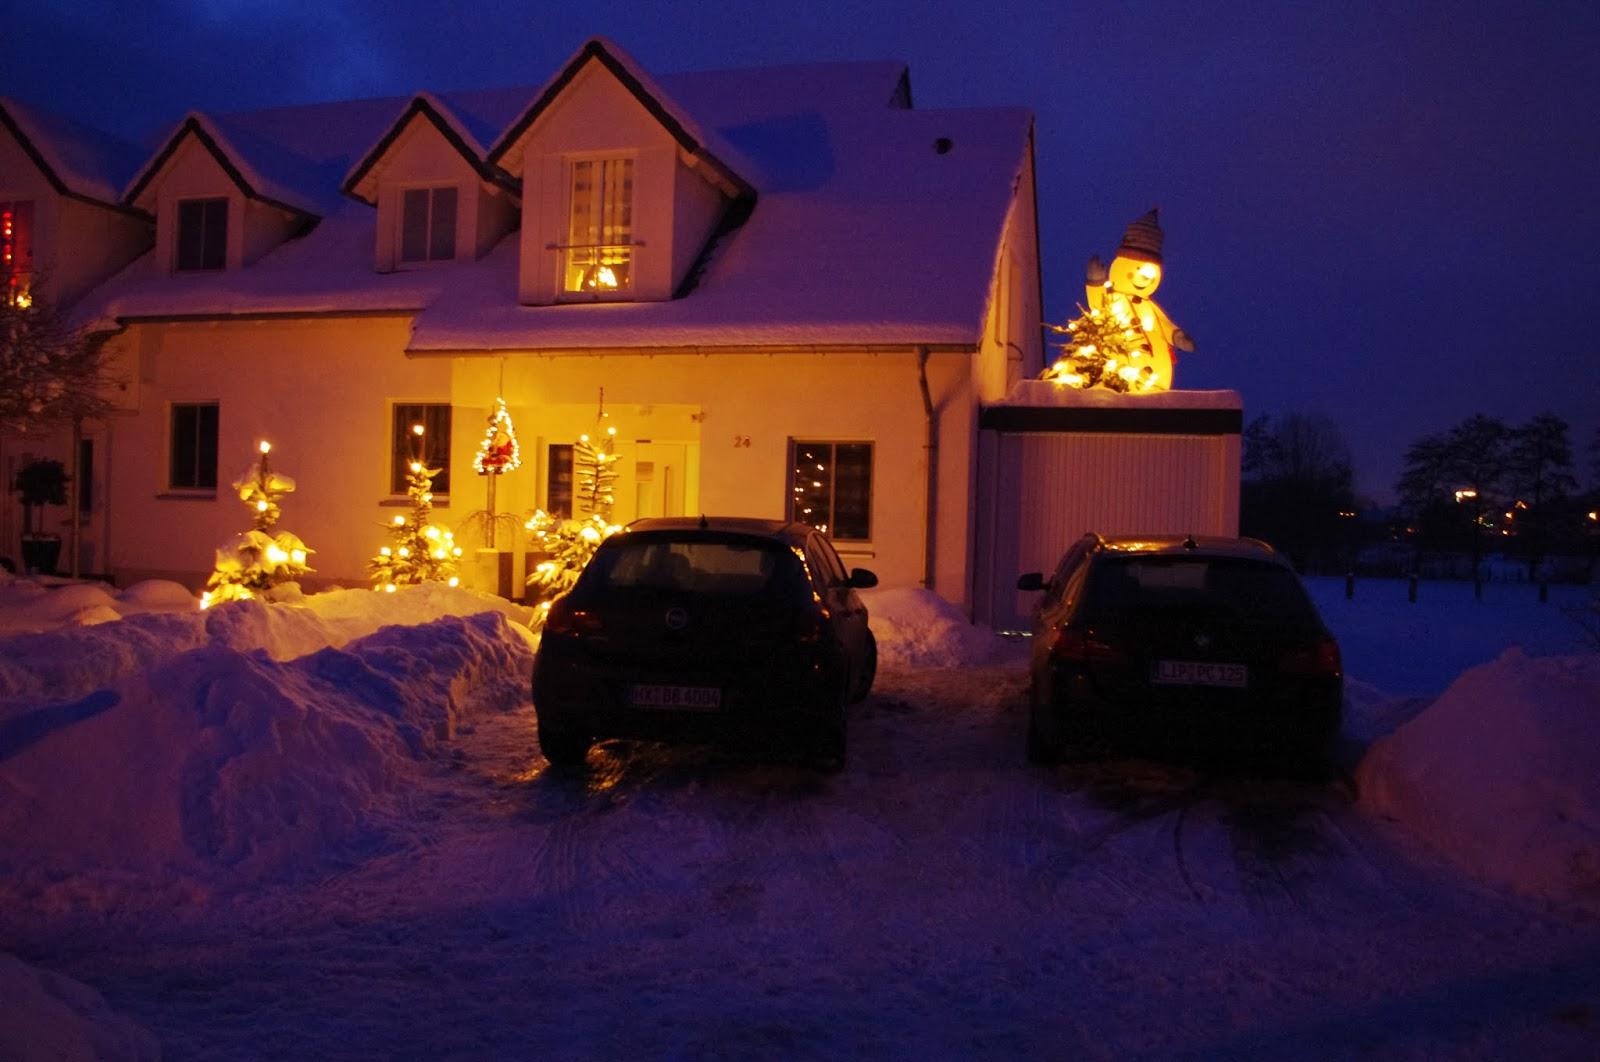 Haus; Weihnachtsbeleuchtung; Schneemann